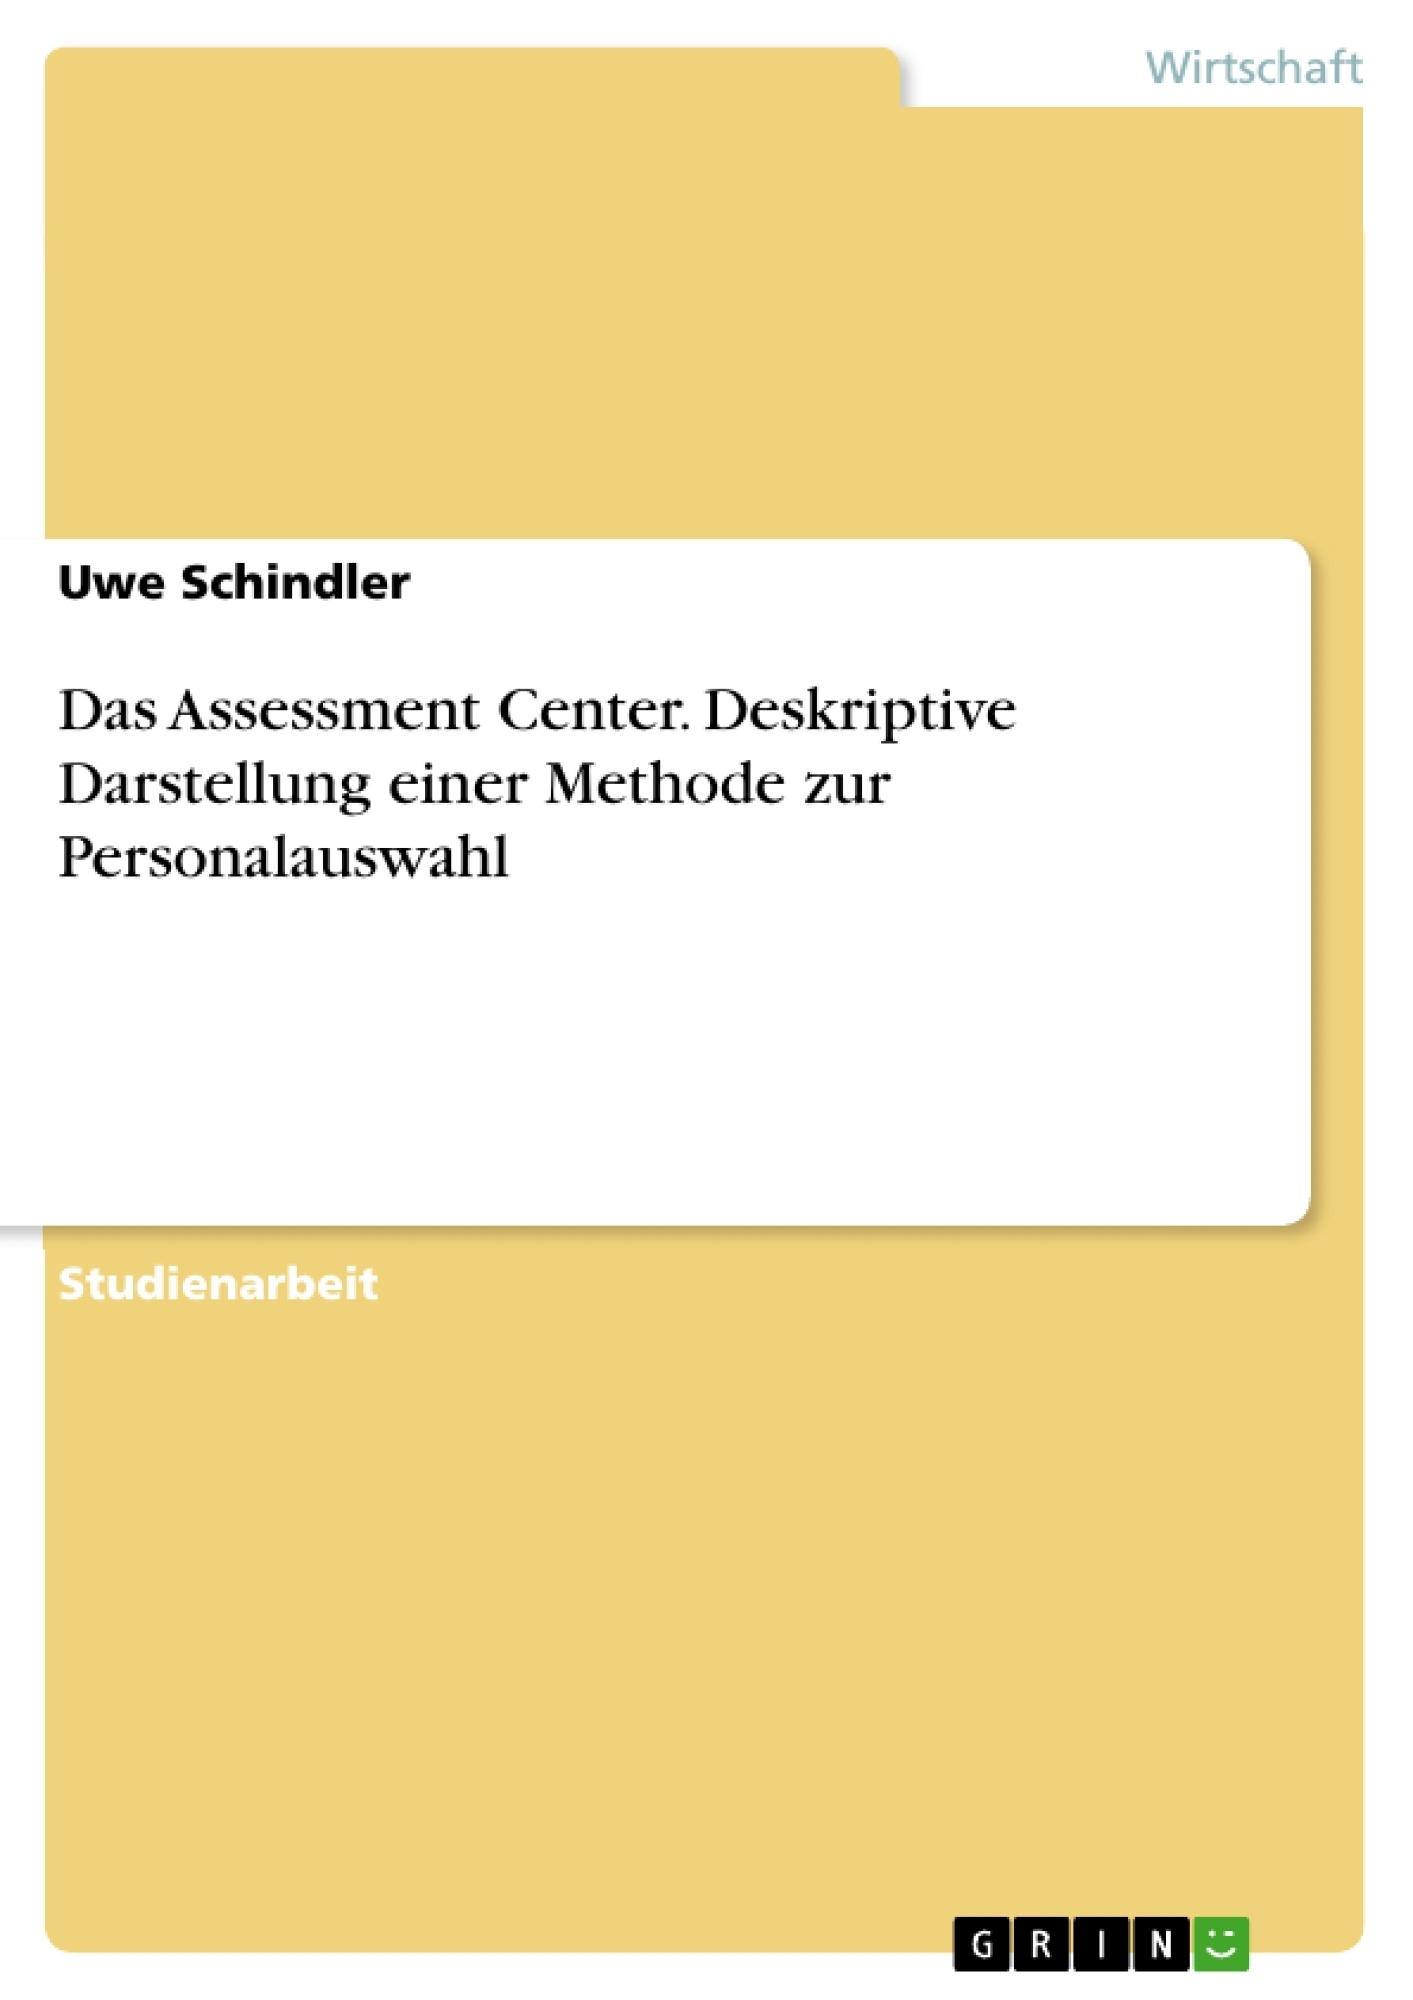 Titel: Das Assessment Center. Deskriptive Darstellung einer Methode zur Personalauswahl